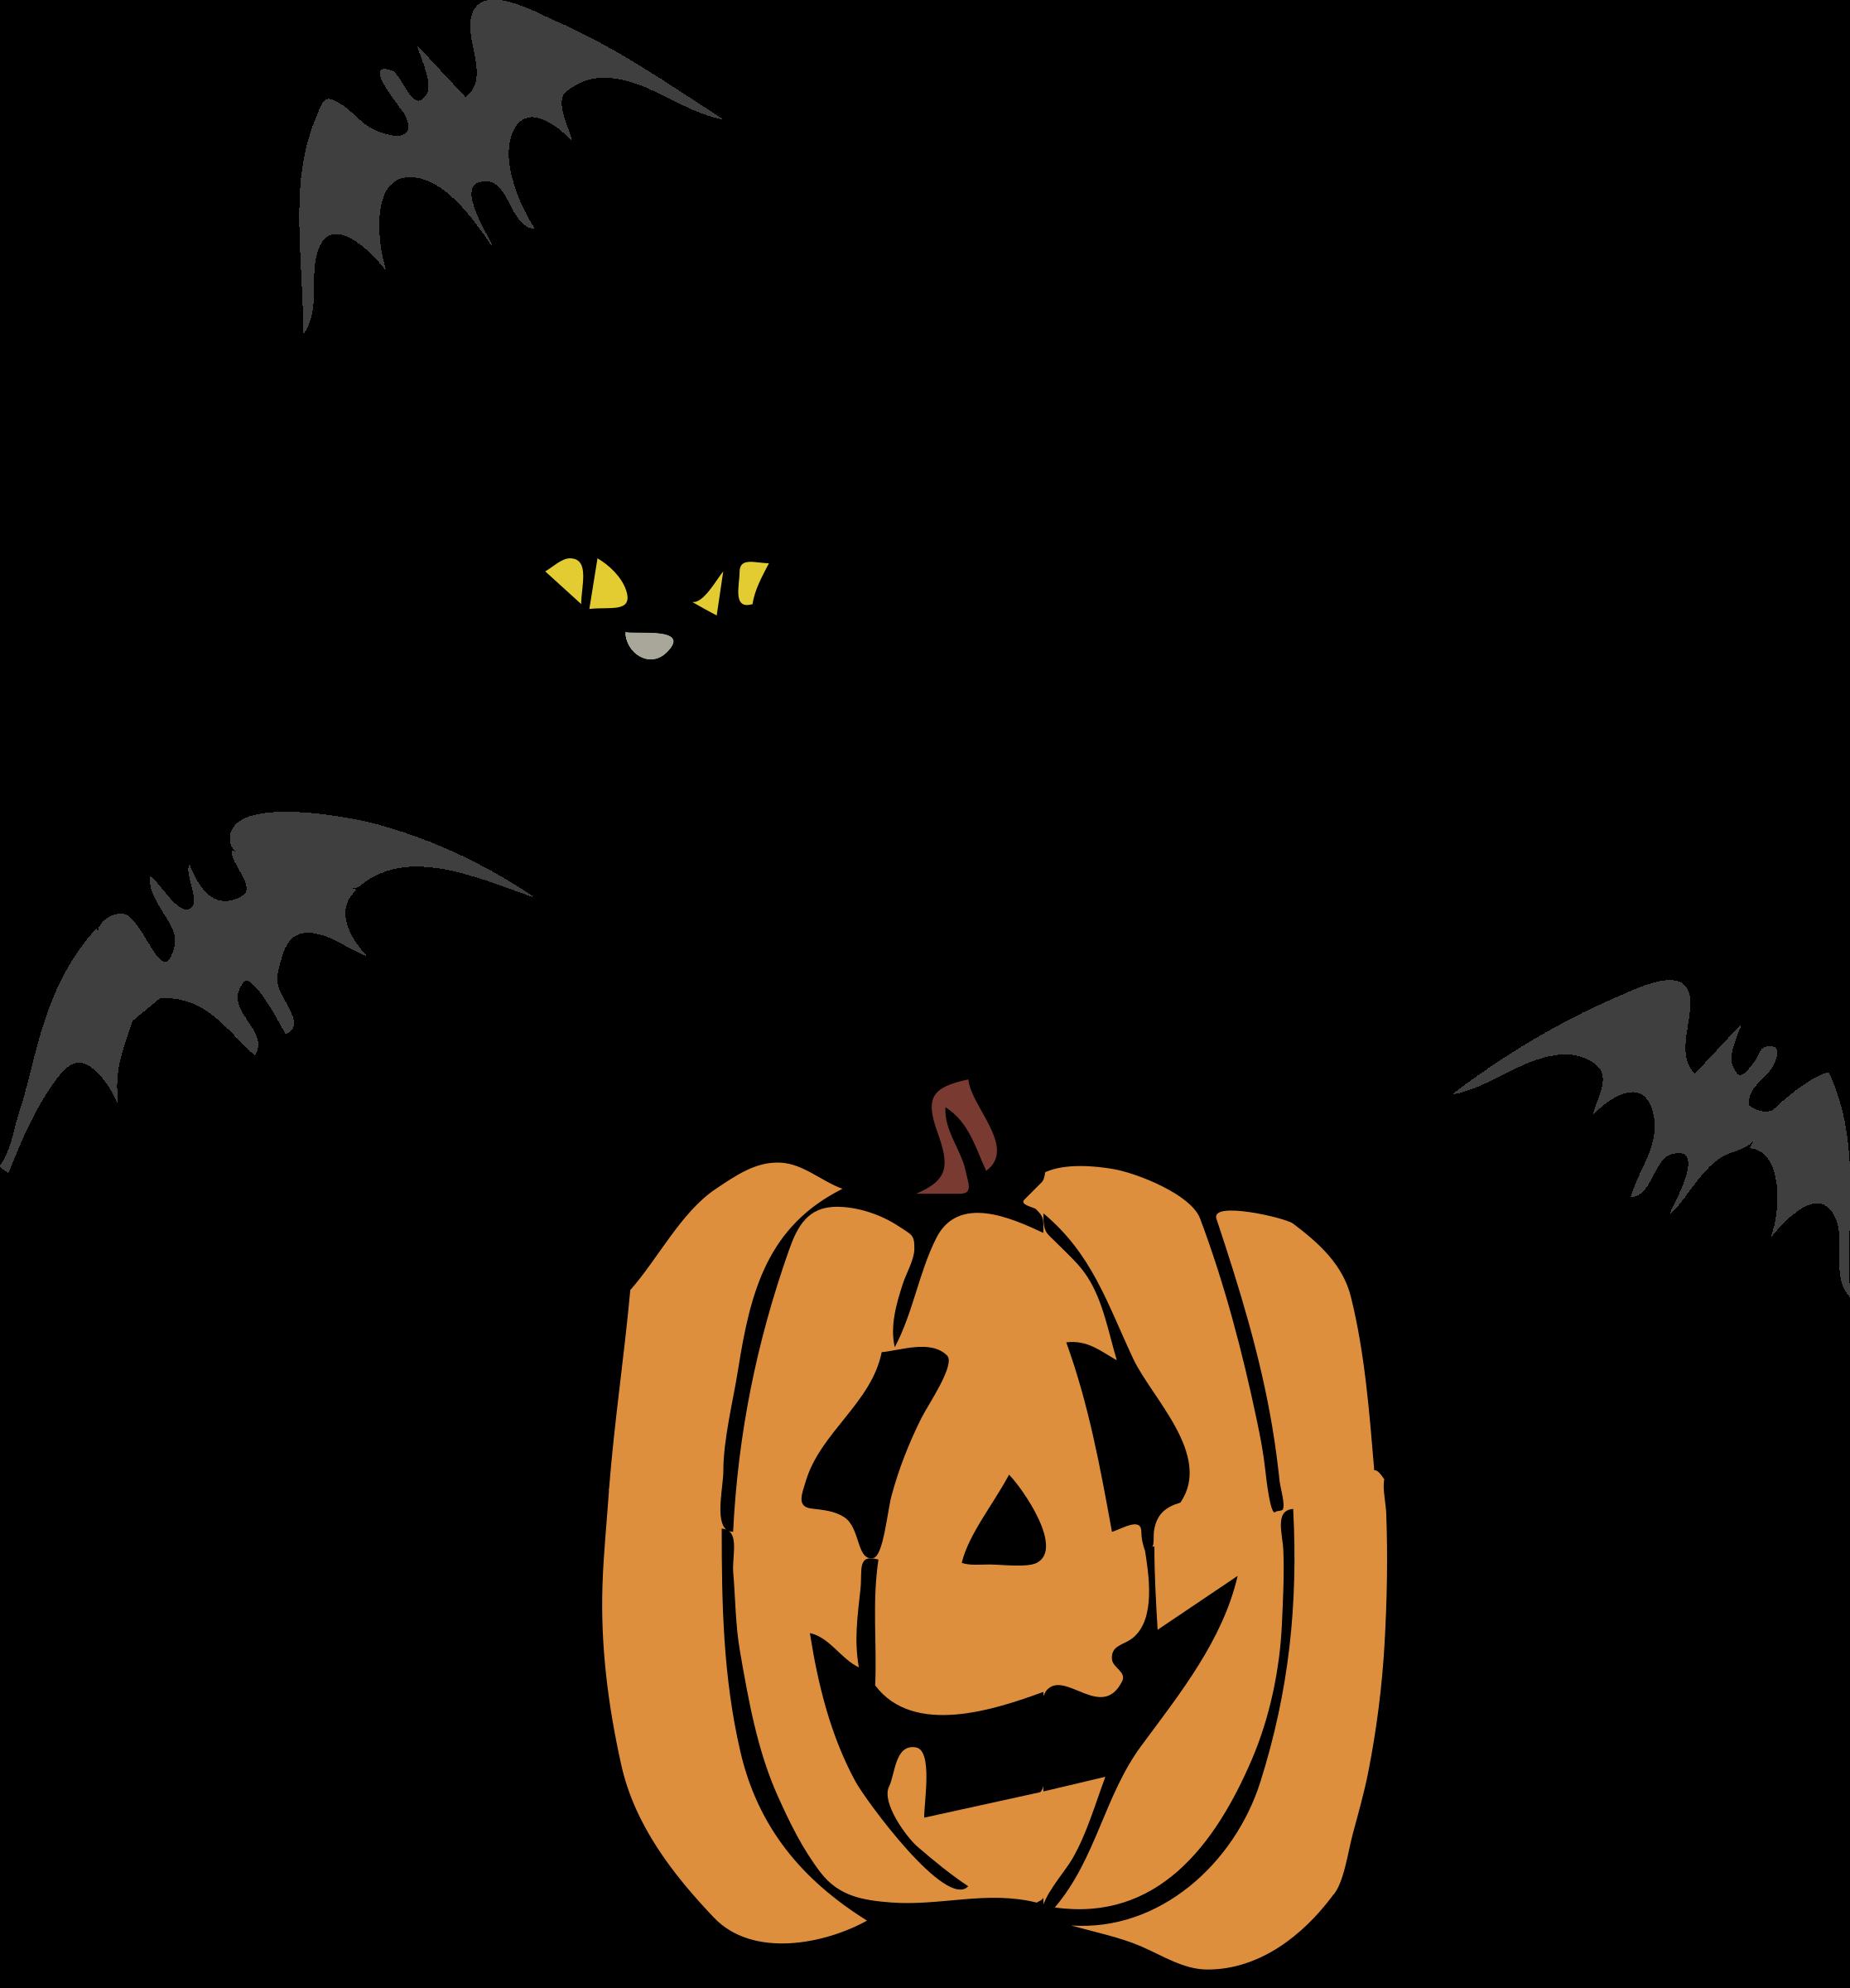 Картинки на хэллоуин для распечатки цветные красивые